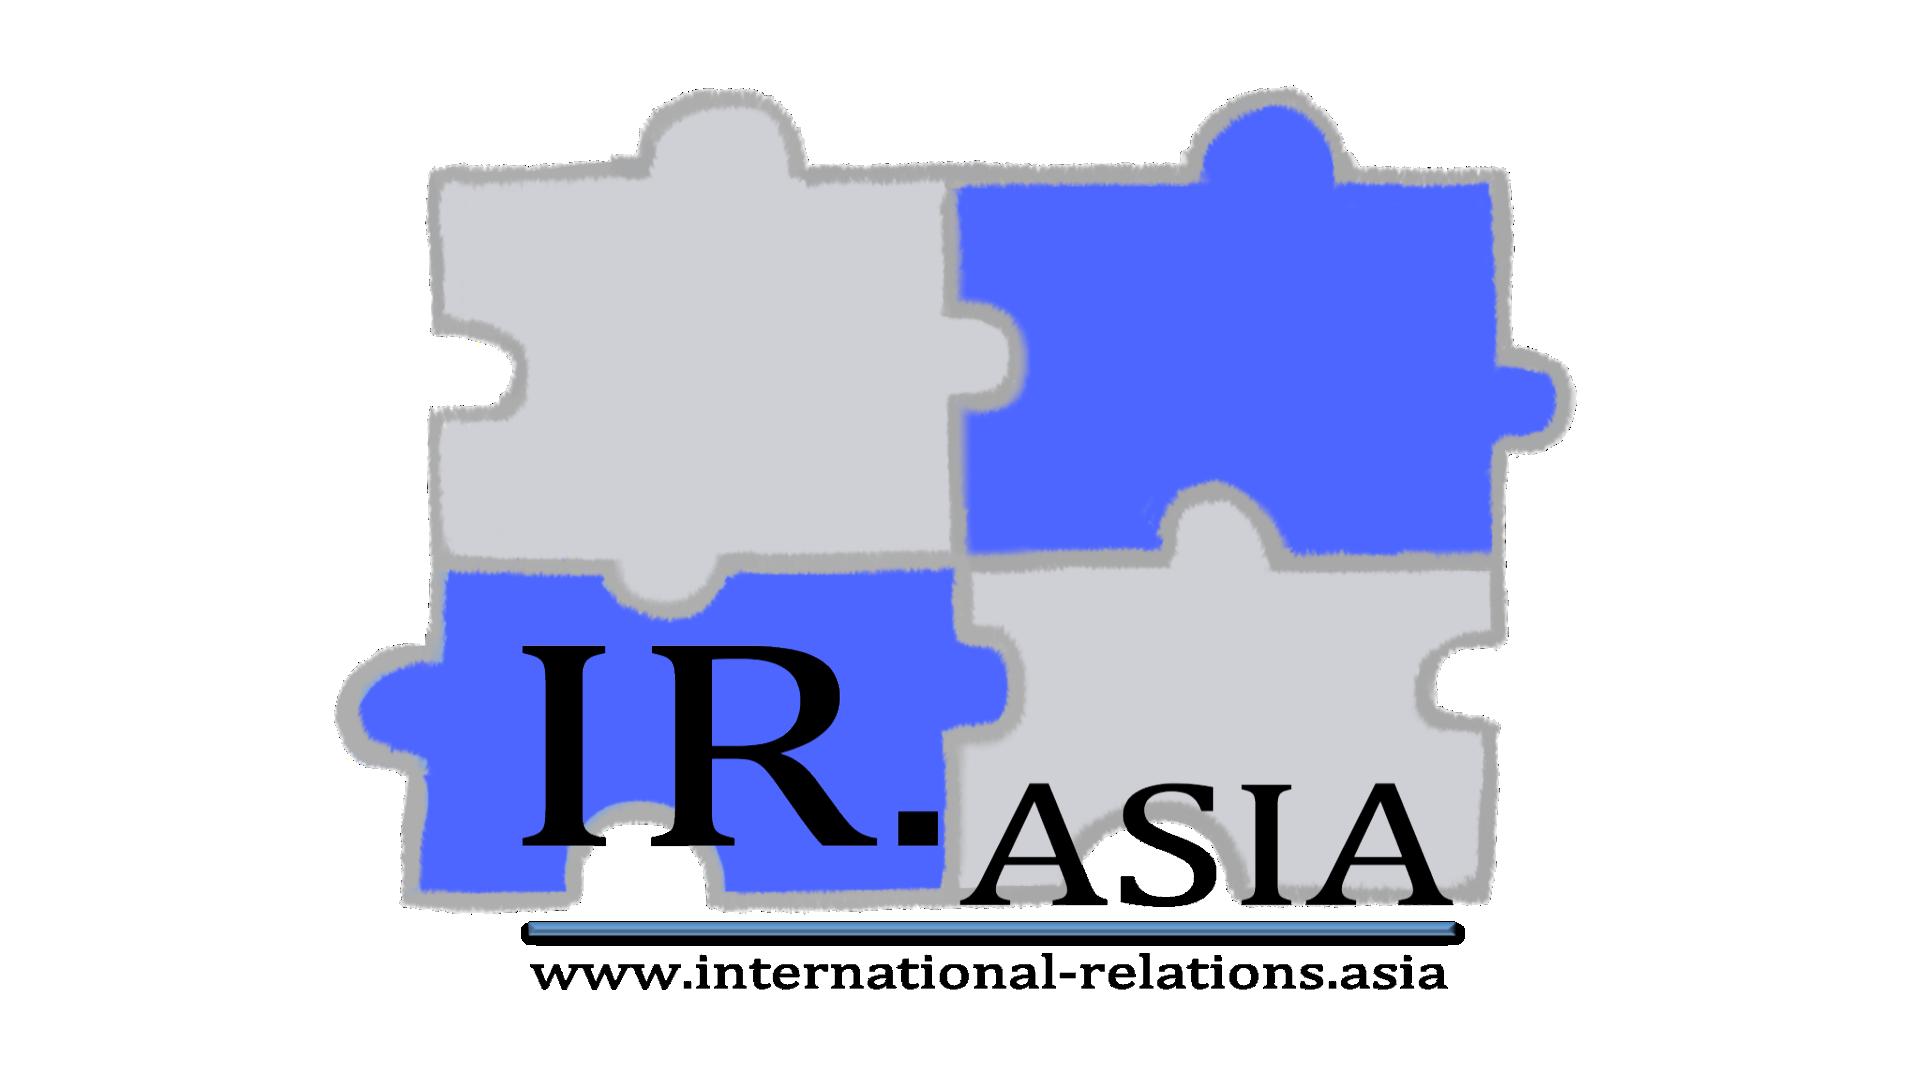 www.international-relations.asia